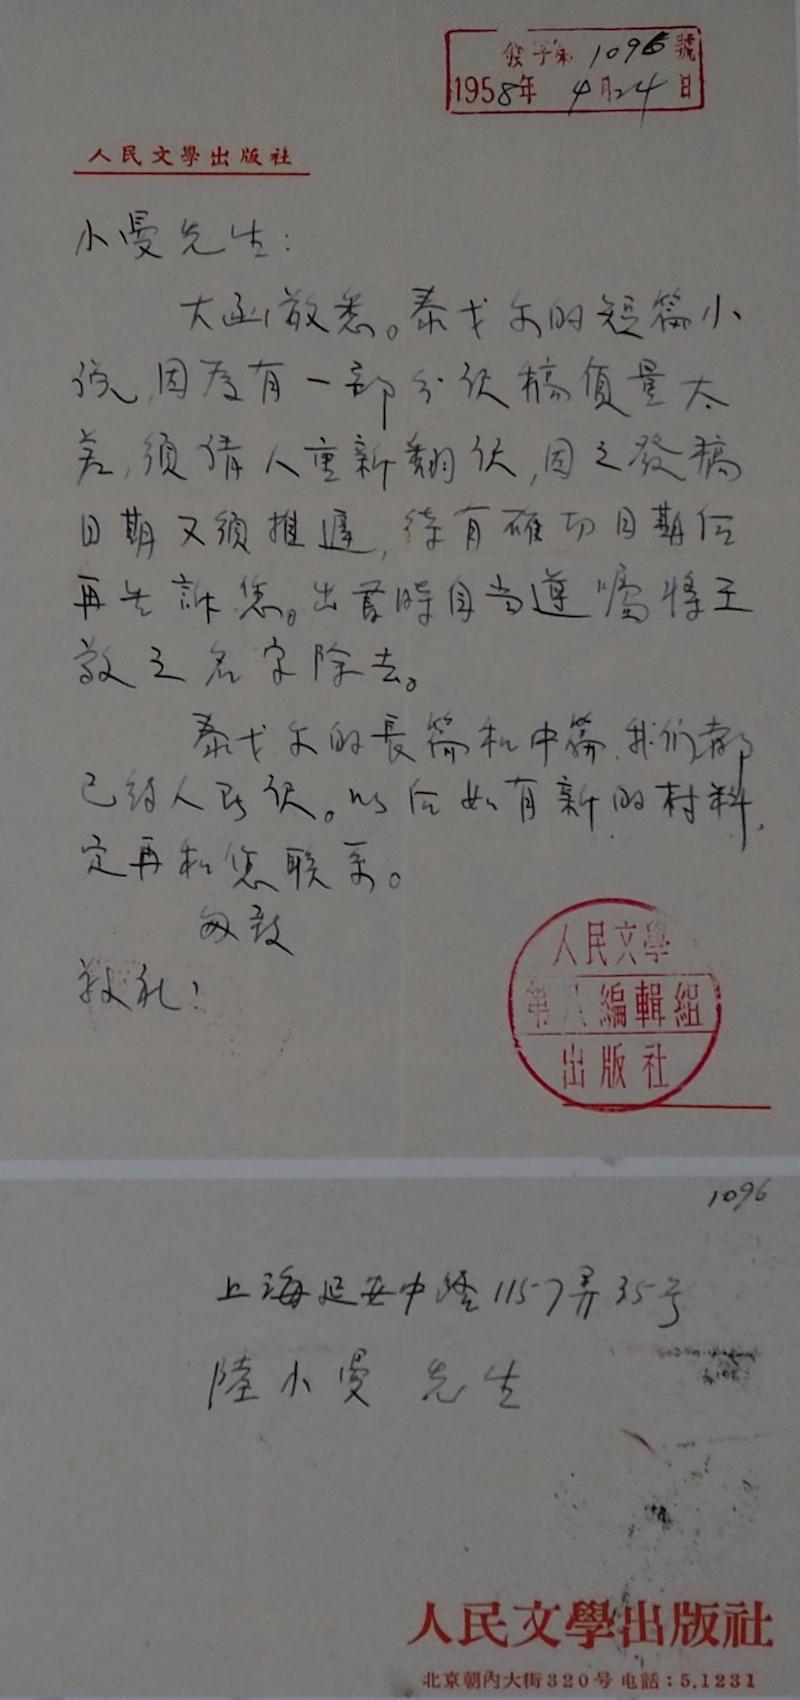 陆小曼往来信函